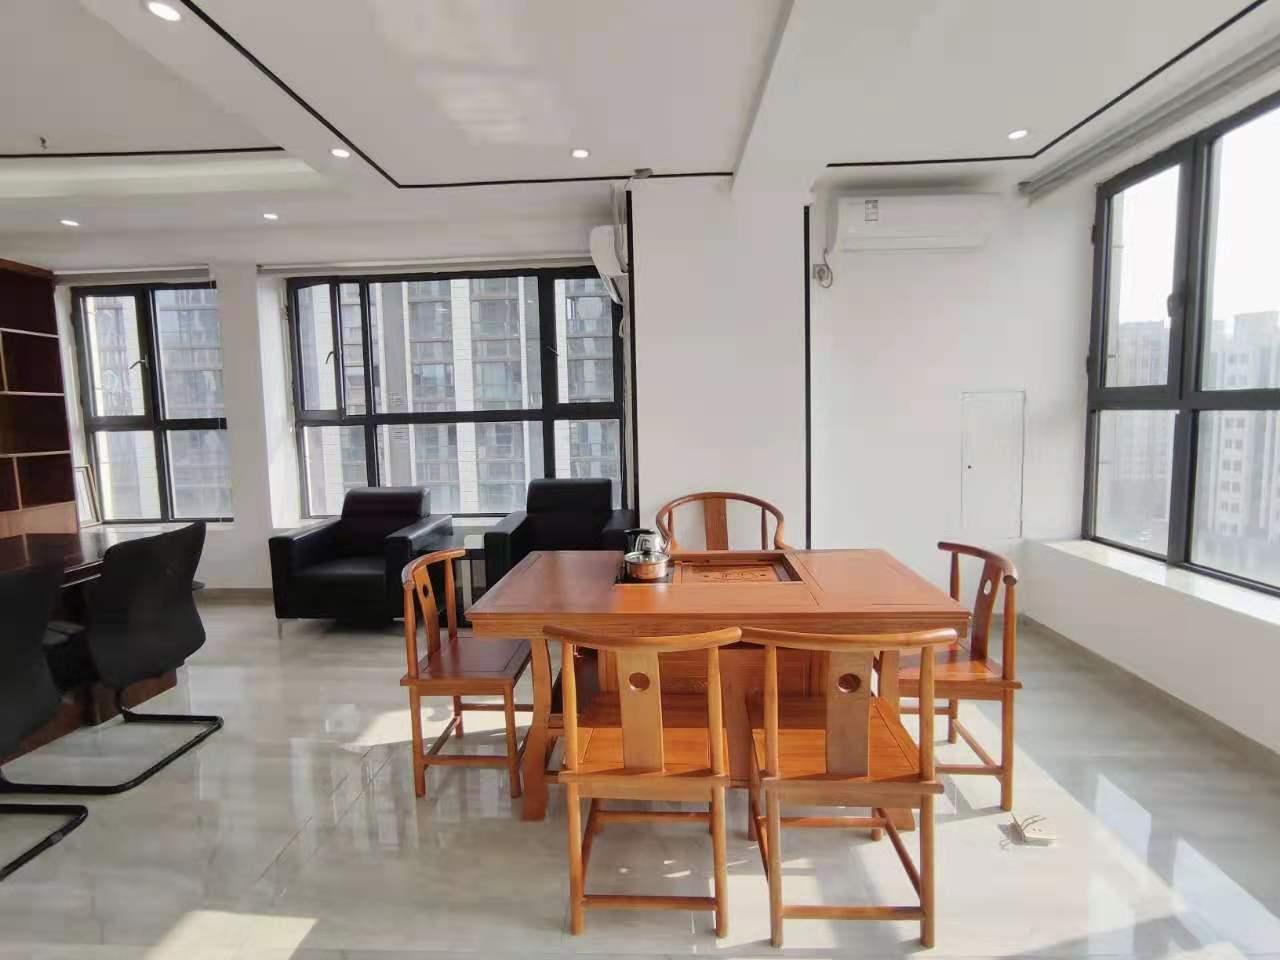 3办18工位 青羊万达广场 小户型商业配套齐全 豪华老板室